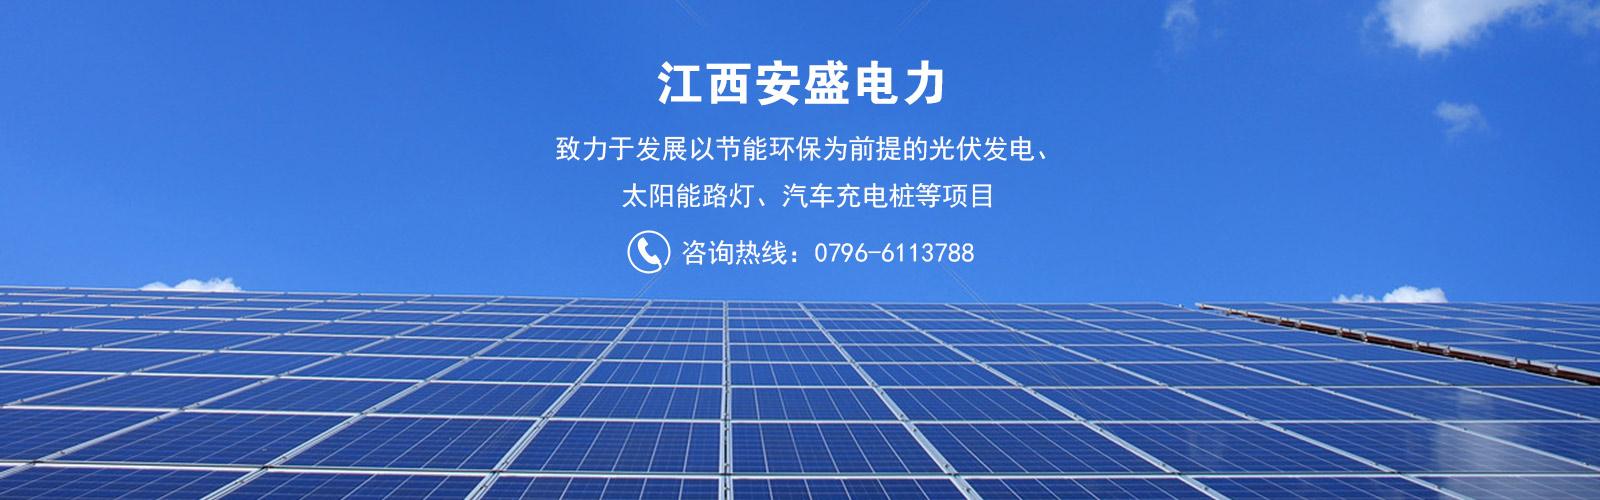 江西阴雨天如何确保家用太阳能发电站的稳定性